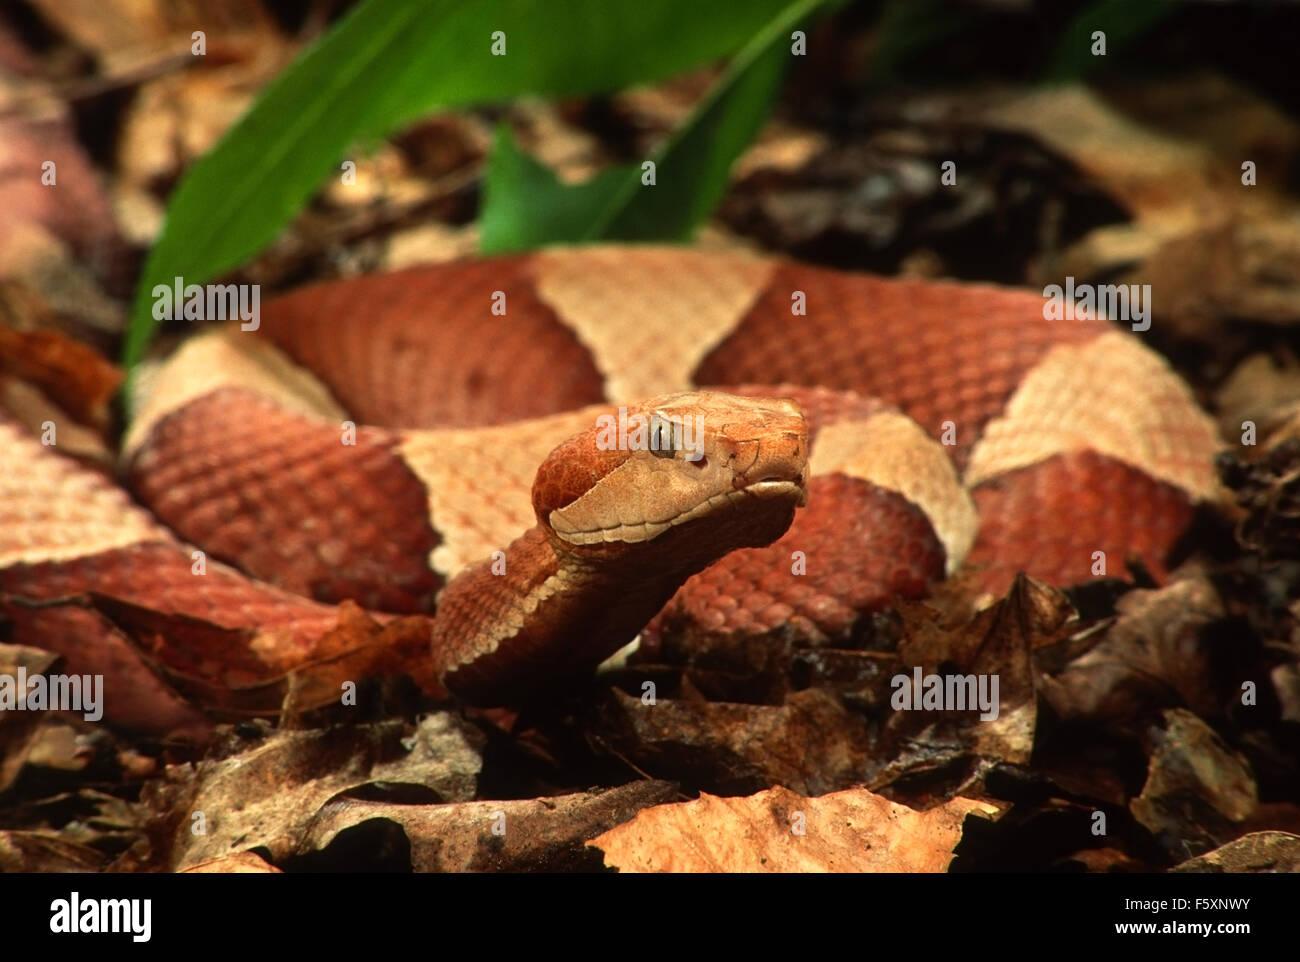 La Serpiente cabeza de cobre (copperhead) Broad-Banded (Agkistrodon contortrix) Imagen De Stock